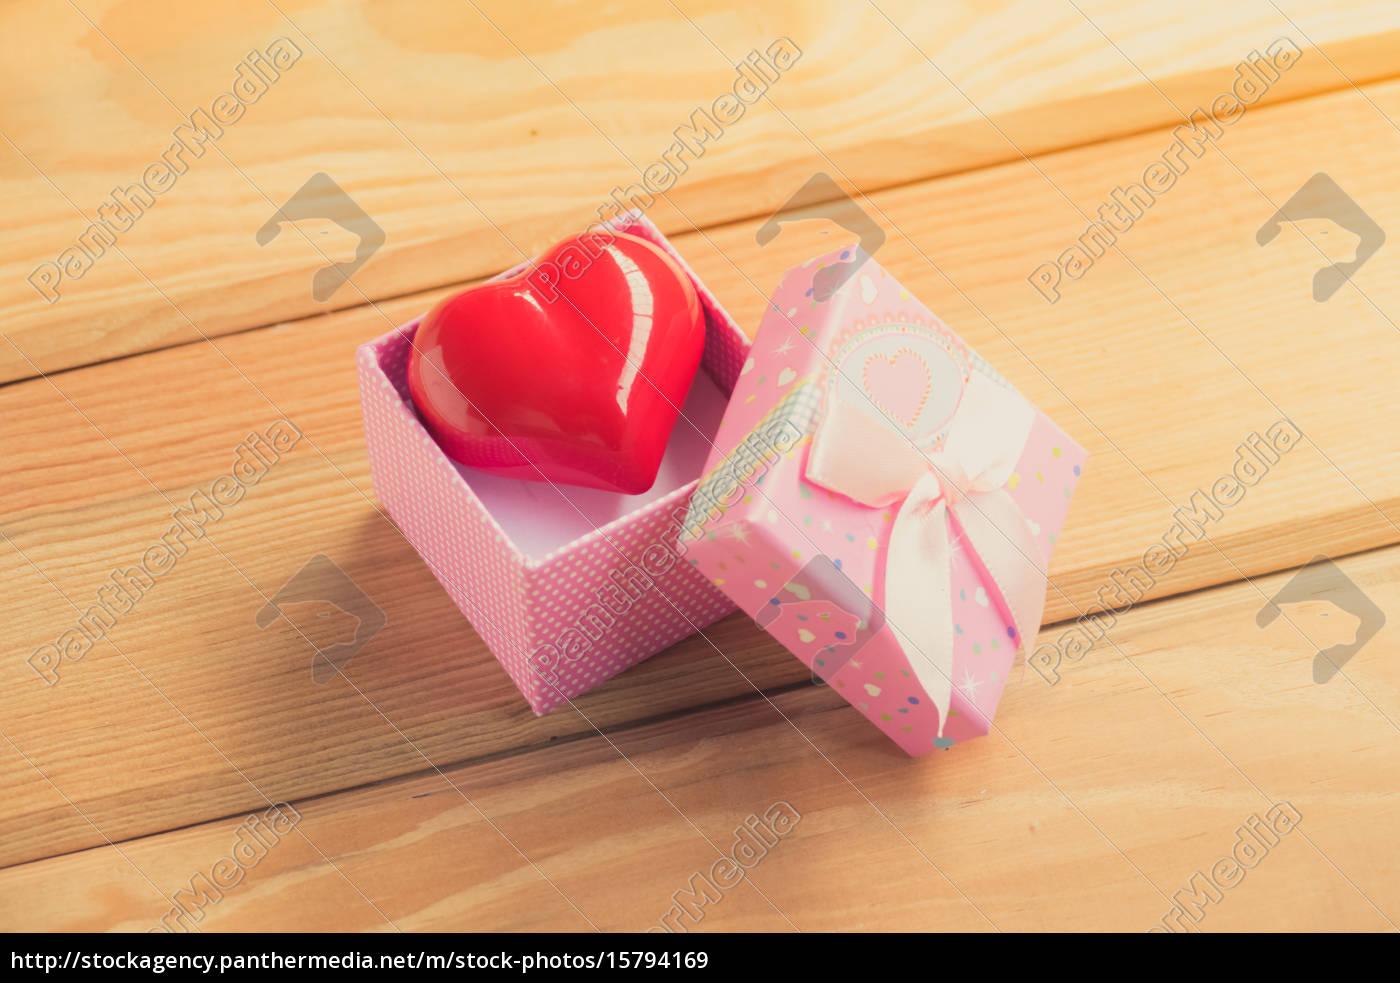 geschenk, der, liebe., herzhaftes, geschenk., eine - 15794169